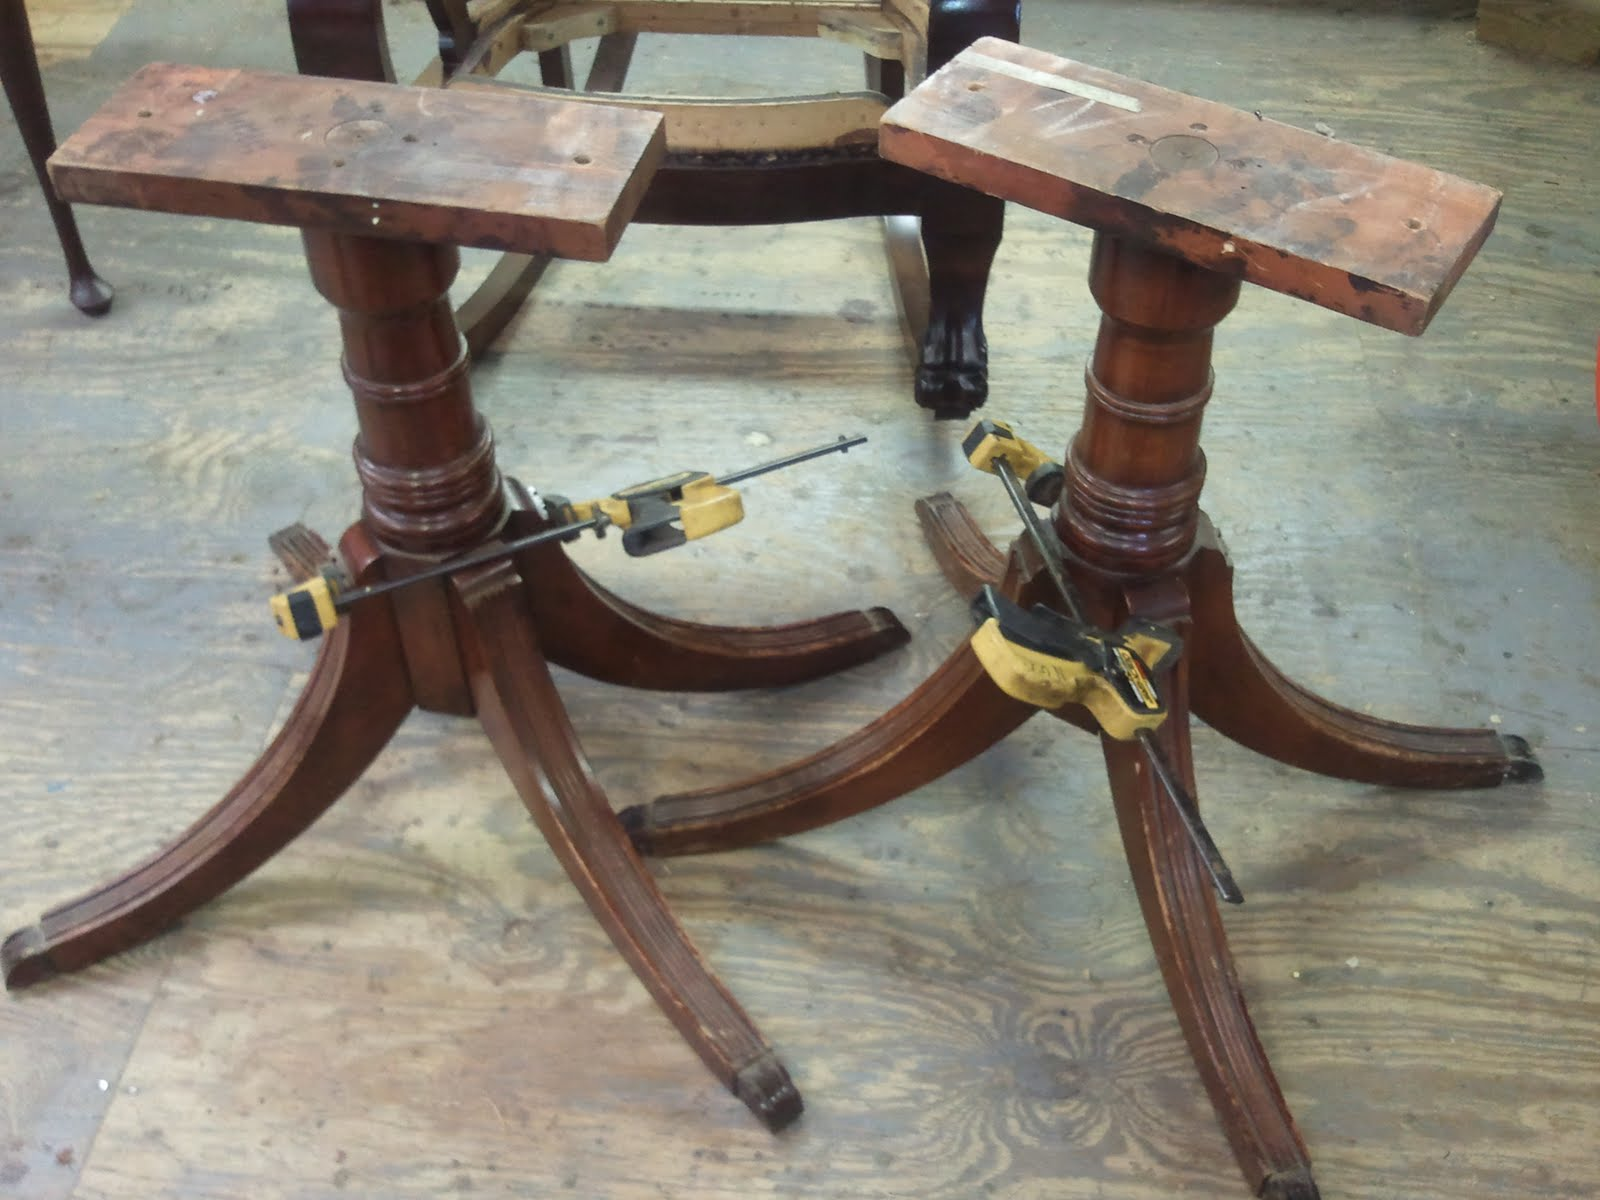 Duncan Phyfe Style Mahogany Dining Table (ca 1950)